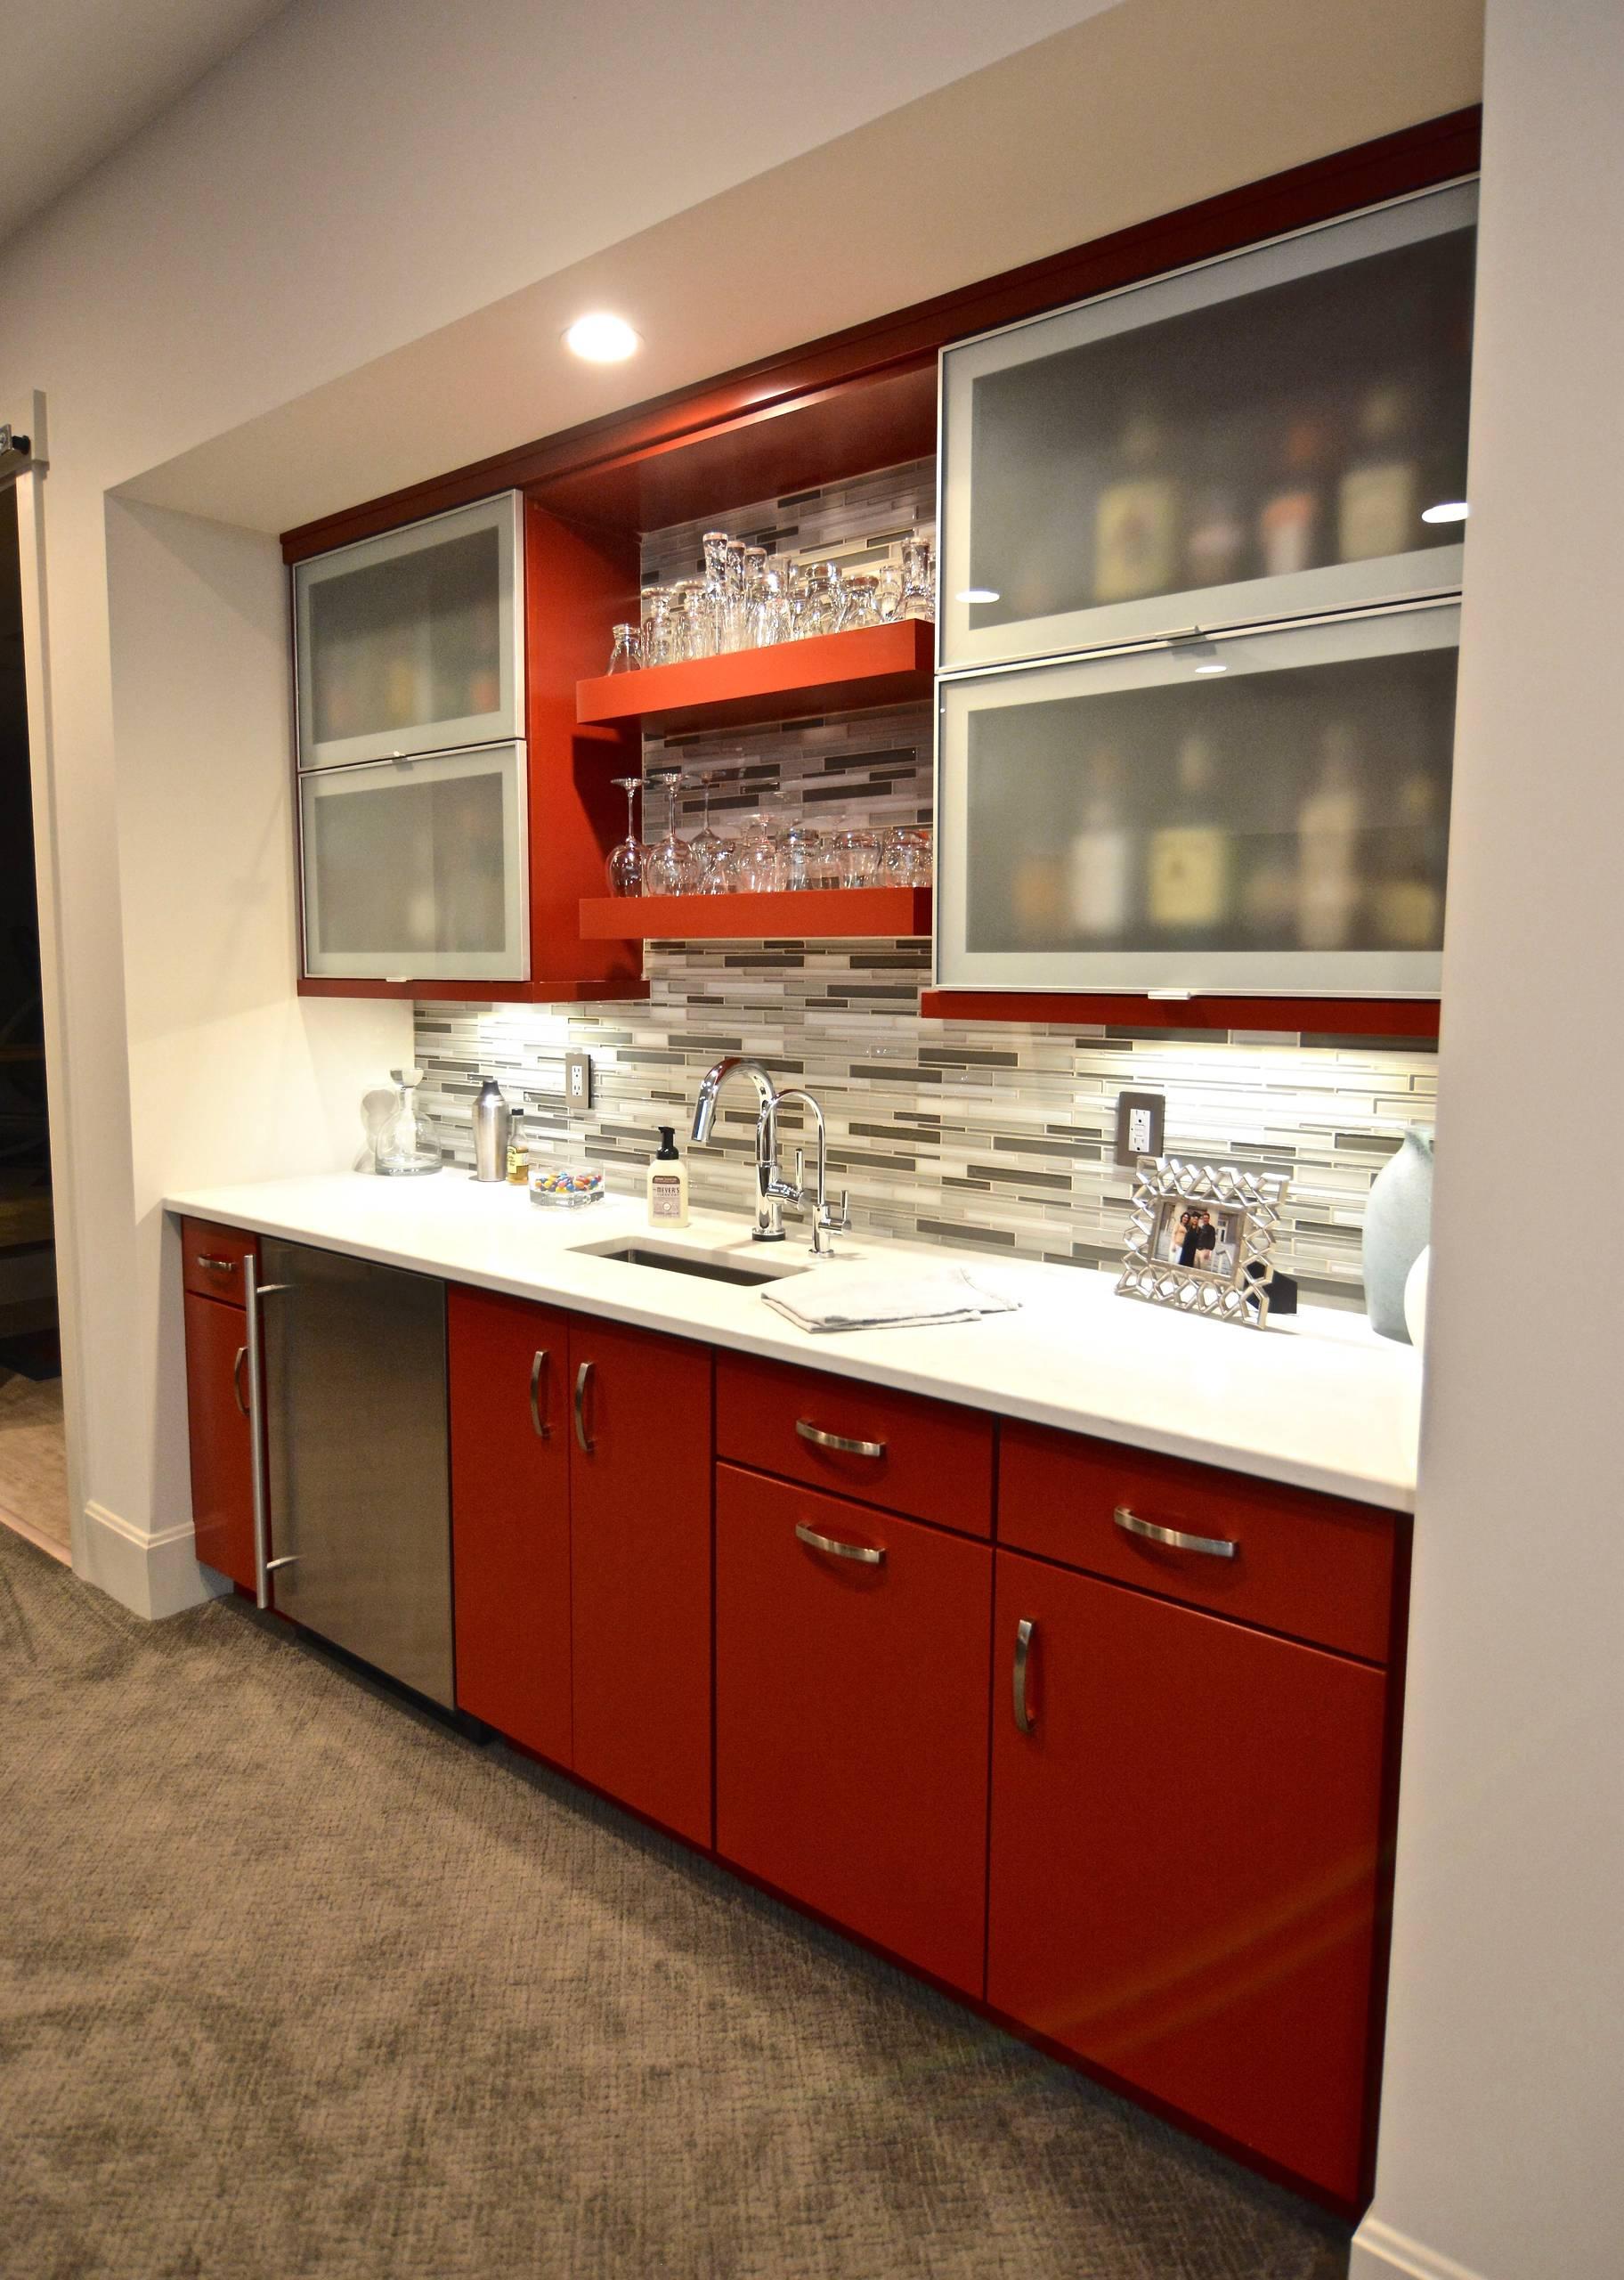 Sagamore Kitchen & Bar